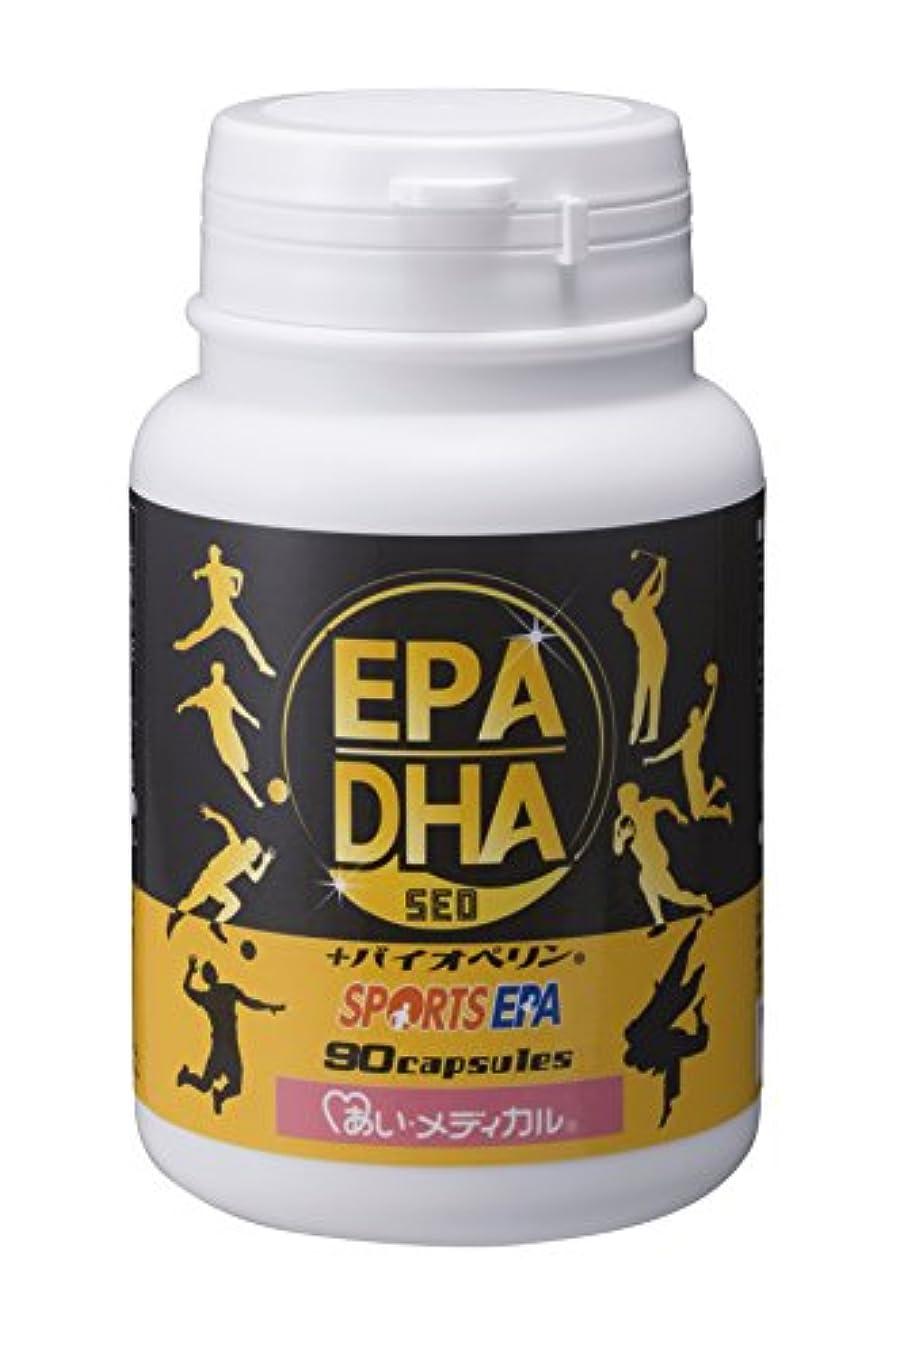 陽気なリル中絶EPA?DHA+バイオペリン